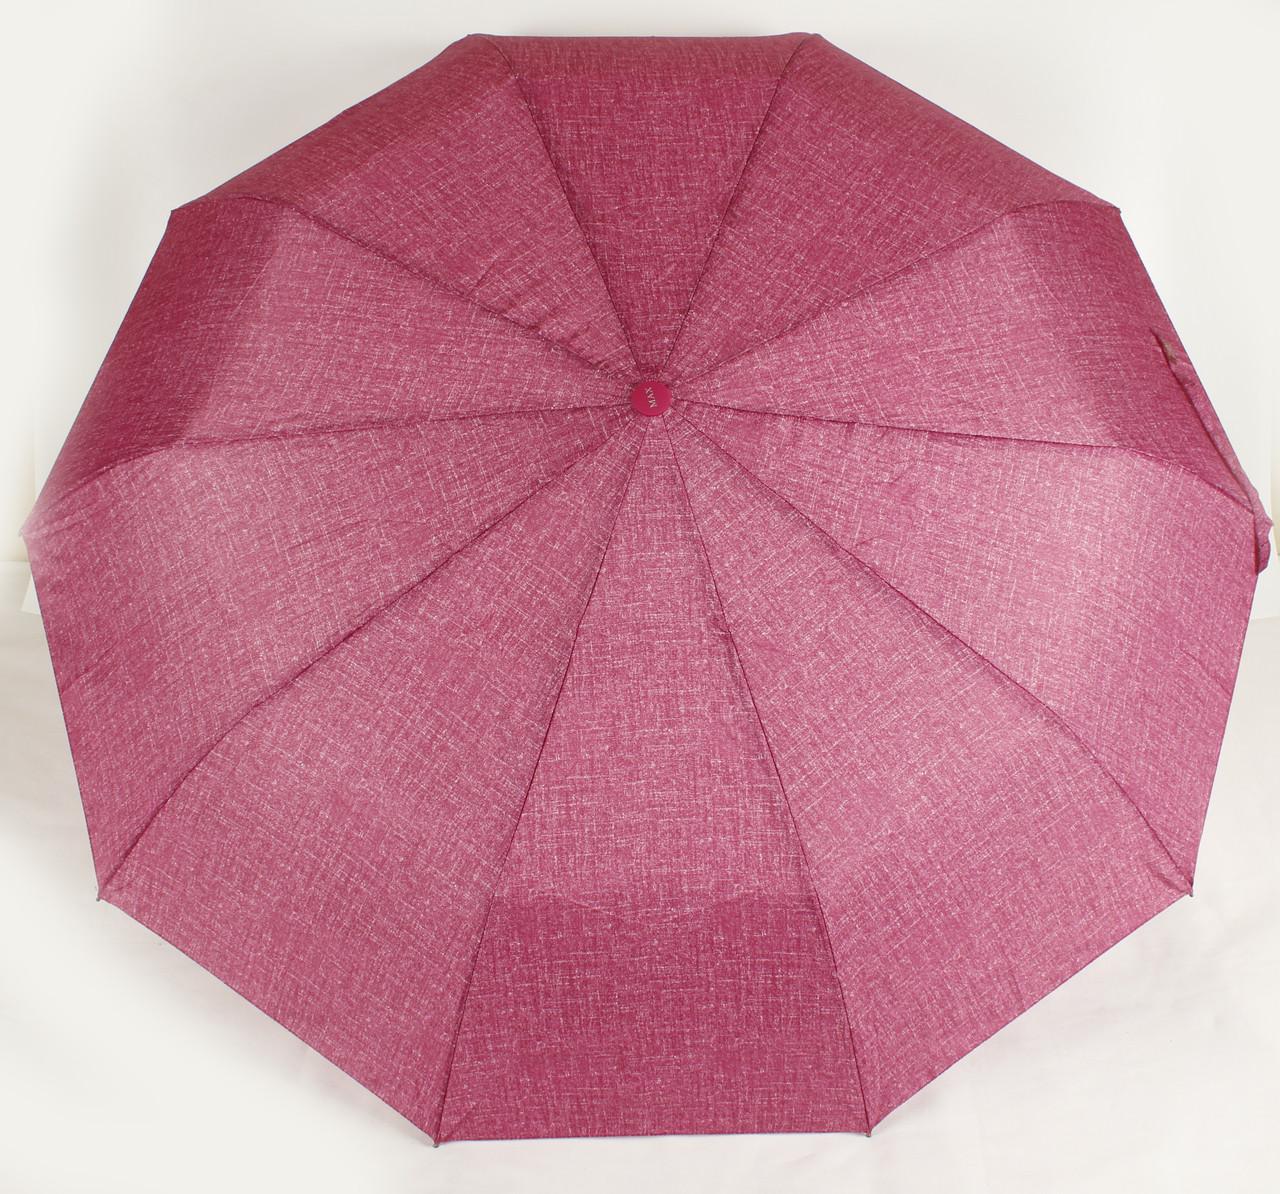 Зонт женский полуавтомат 3 сложения Max komfort